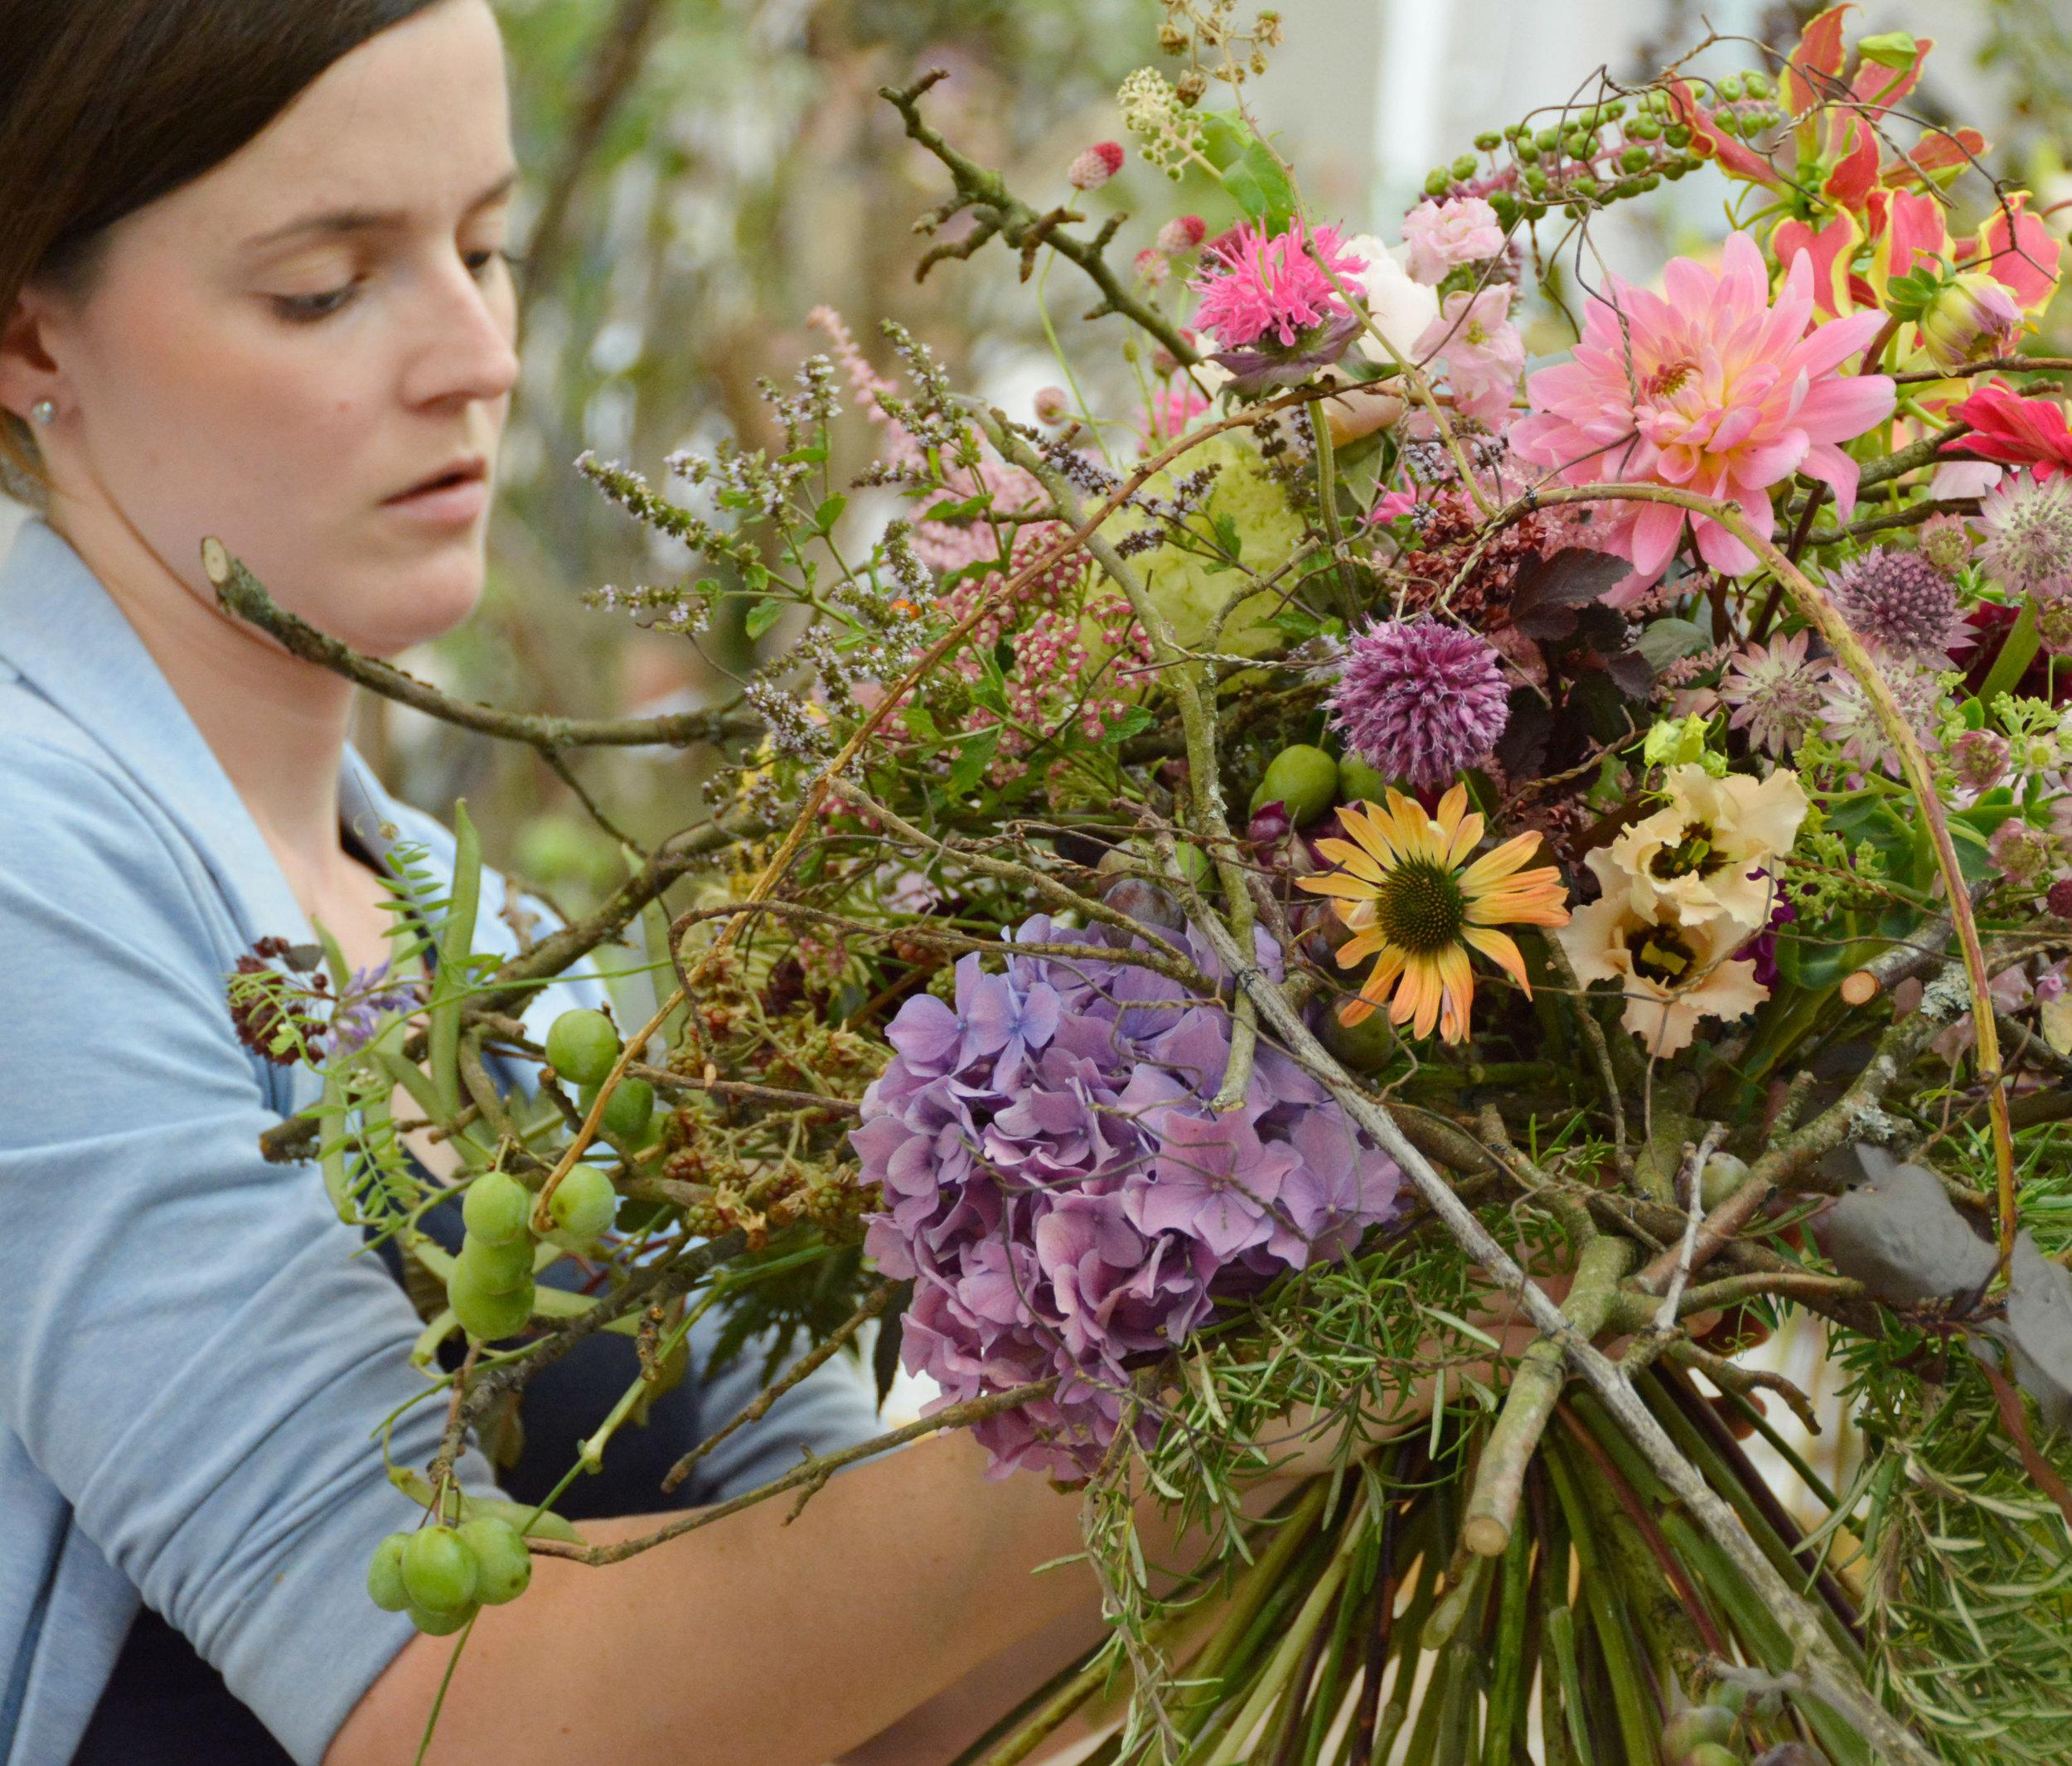 Für Petra Huber aus der Pfalz war immer schon klar; ihren Meister wollte sie unbedingt an der Academy of Flowerdesign / AoF machen, wie schon ihre Arbeitgeberin Yvonne Gaab (Vizeweltmeisterin 2009).